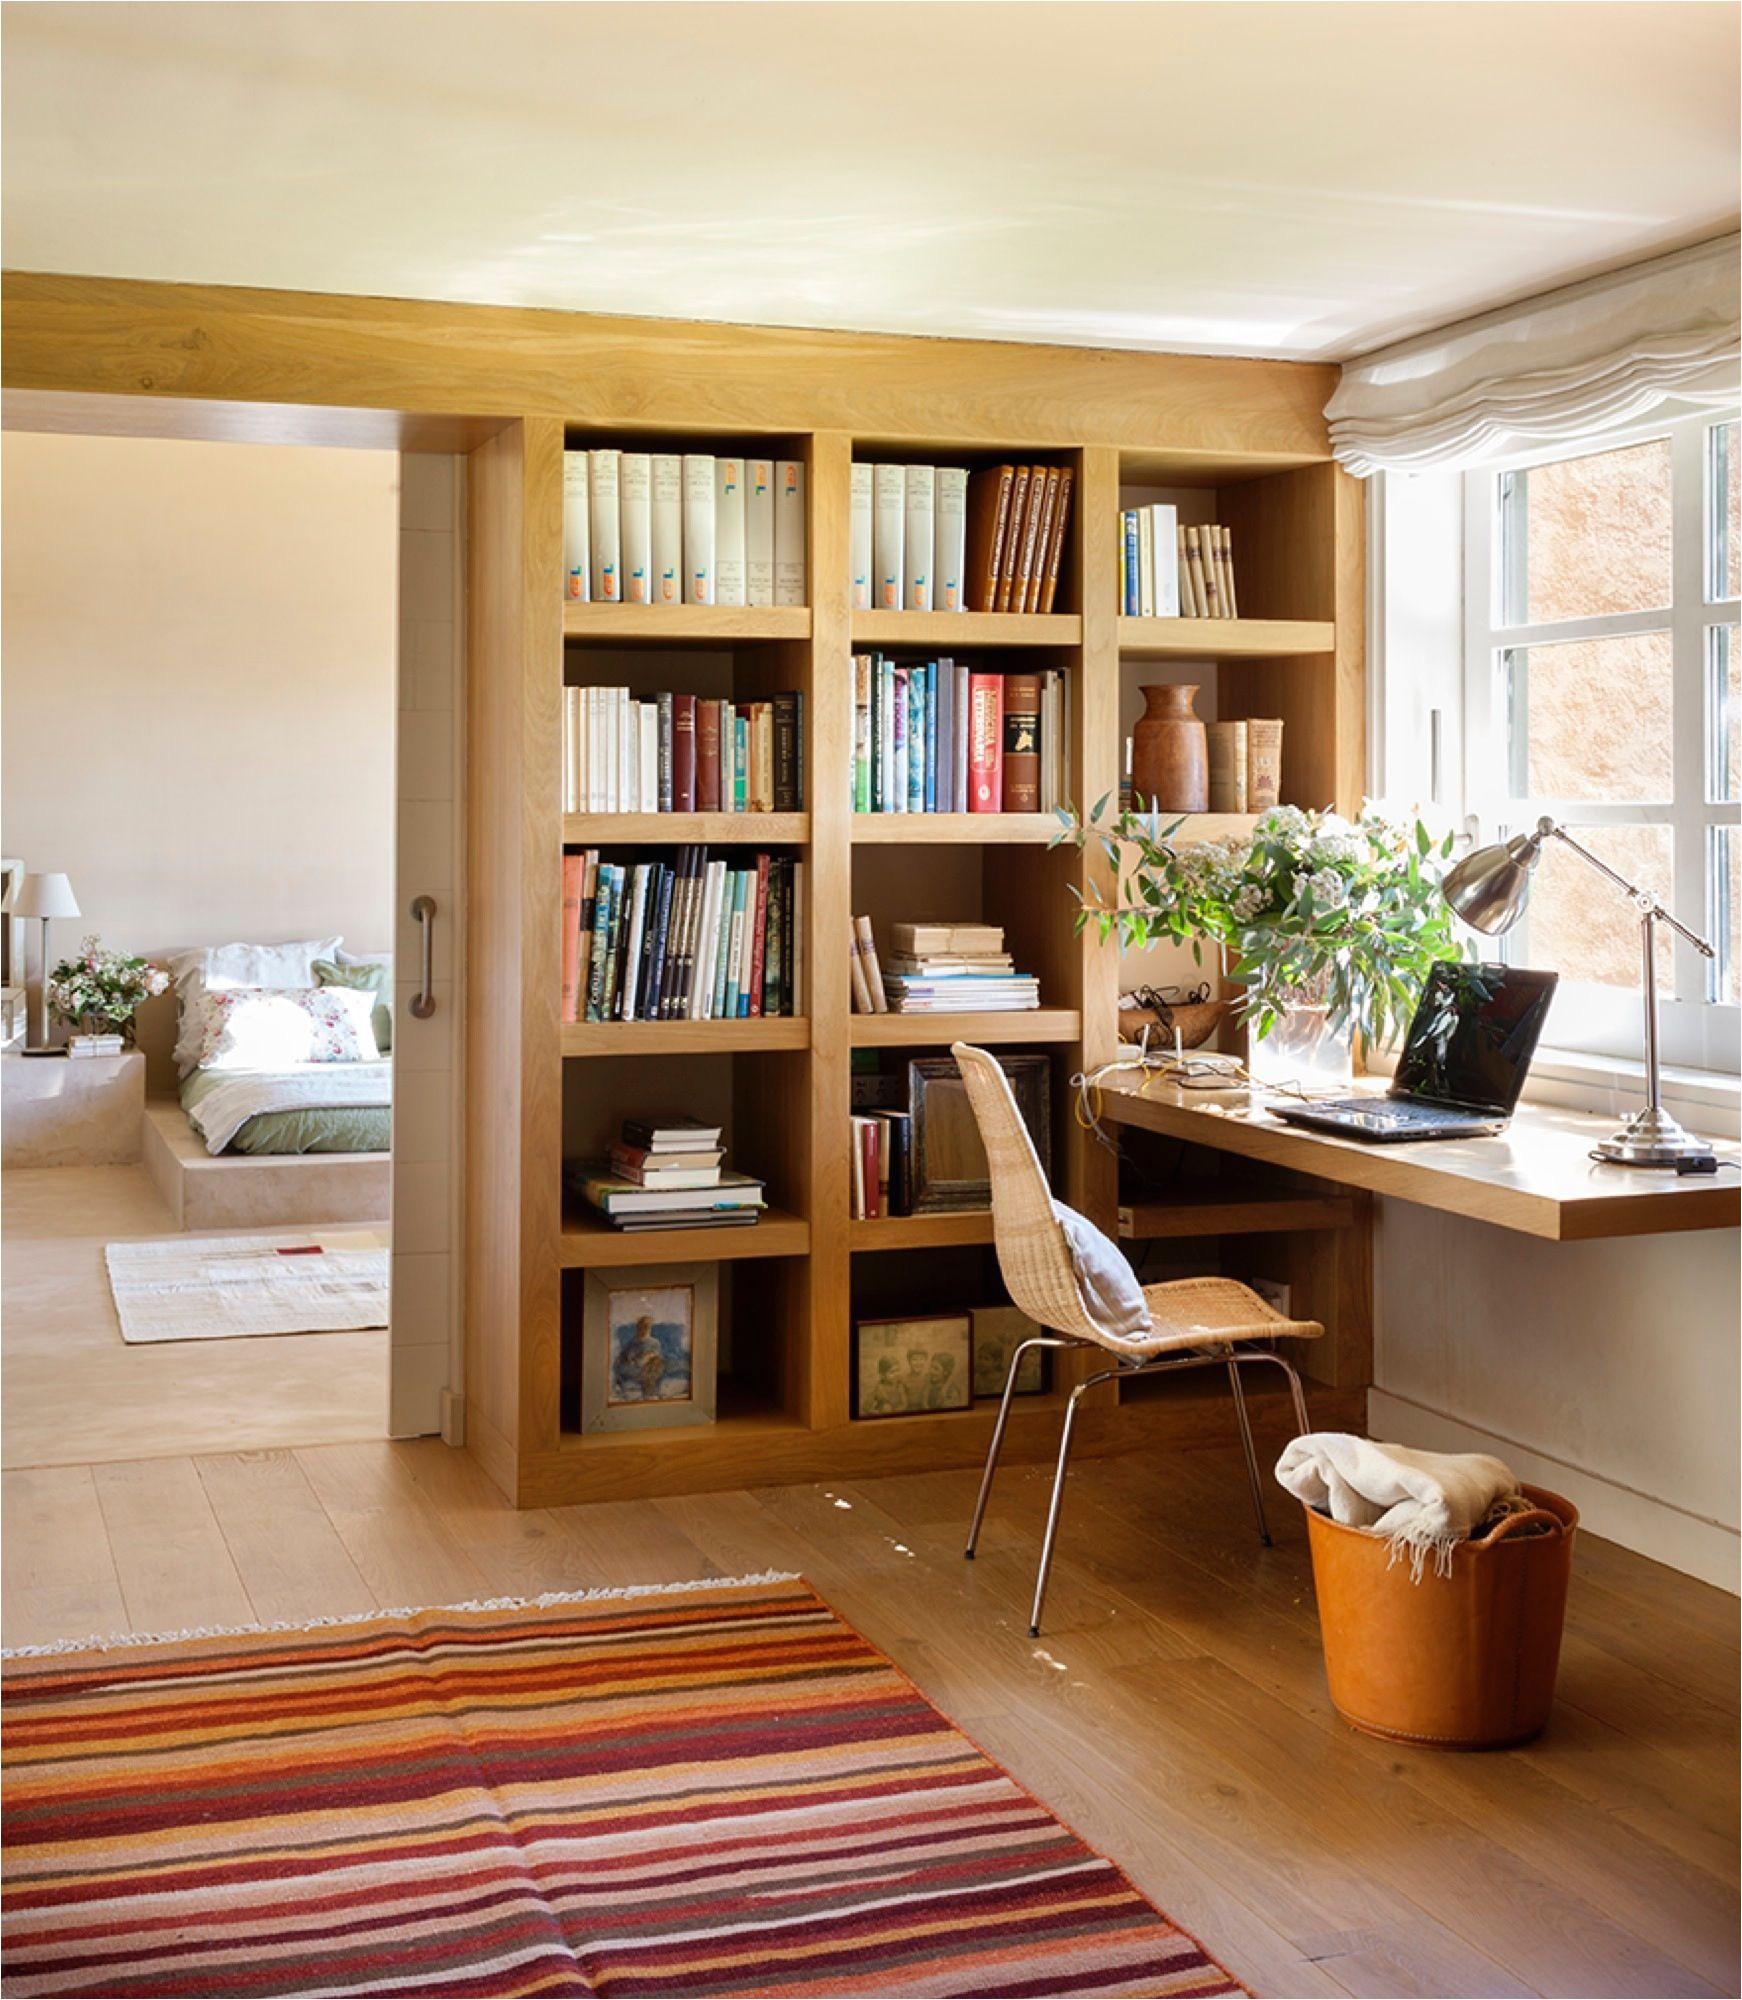 el estudio que se usa sobre todo en invierno es un calido refugio de roble y junto con el sala n la aonica estancia con suelo de madera